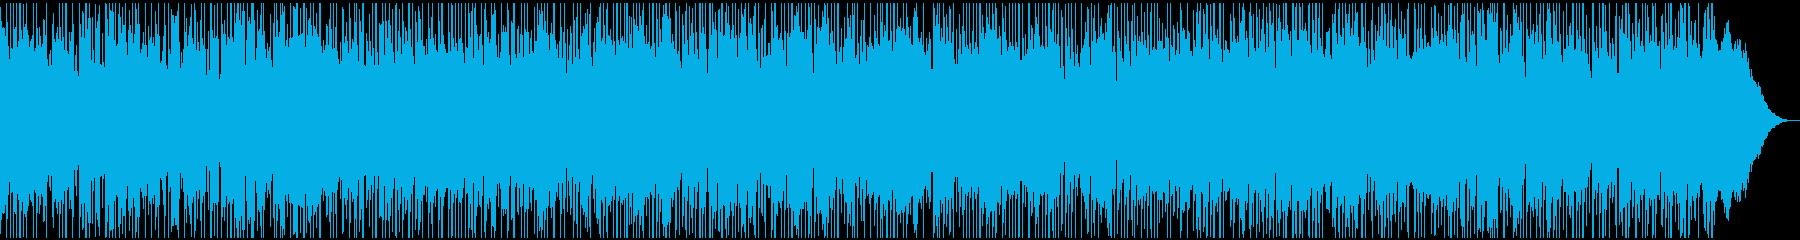 情熱的に奏でるポップ・ロックの再生済みの波形